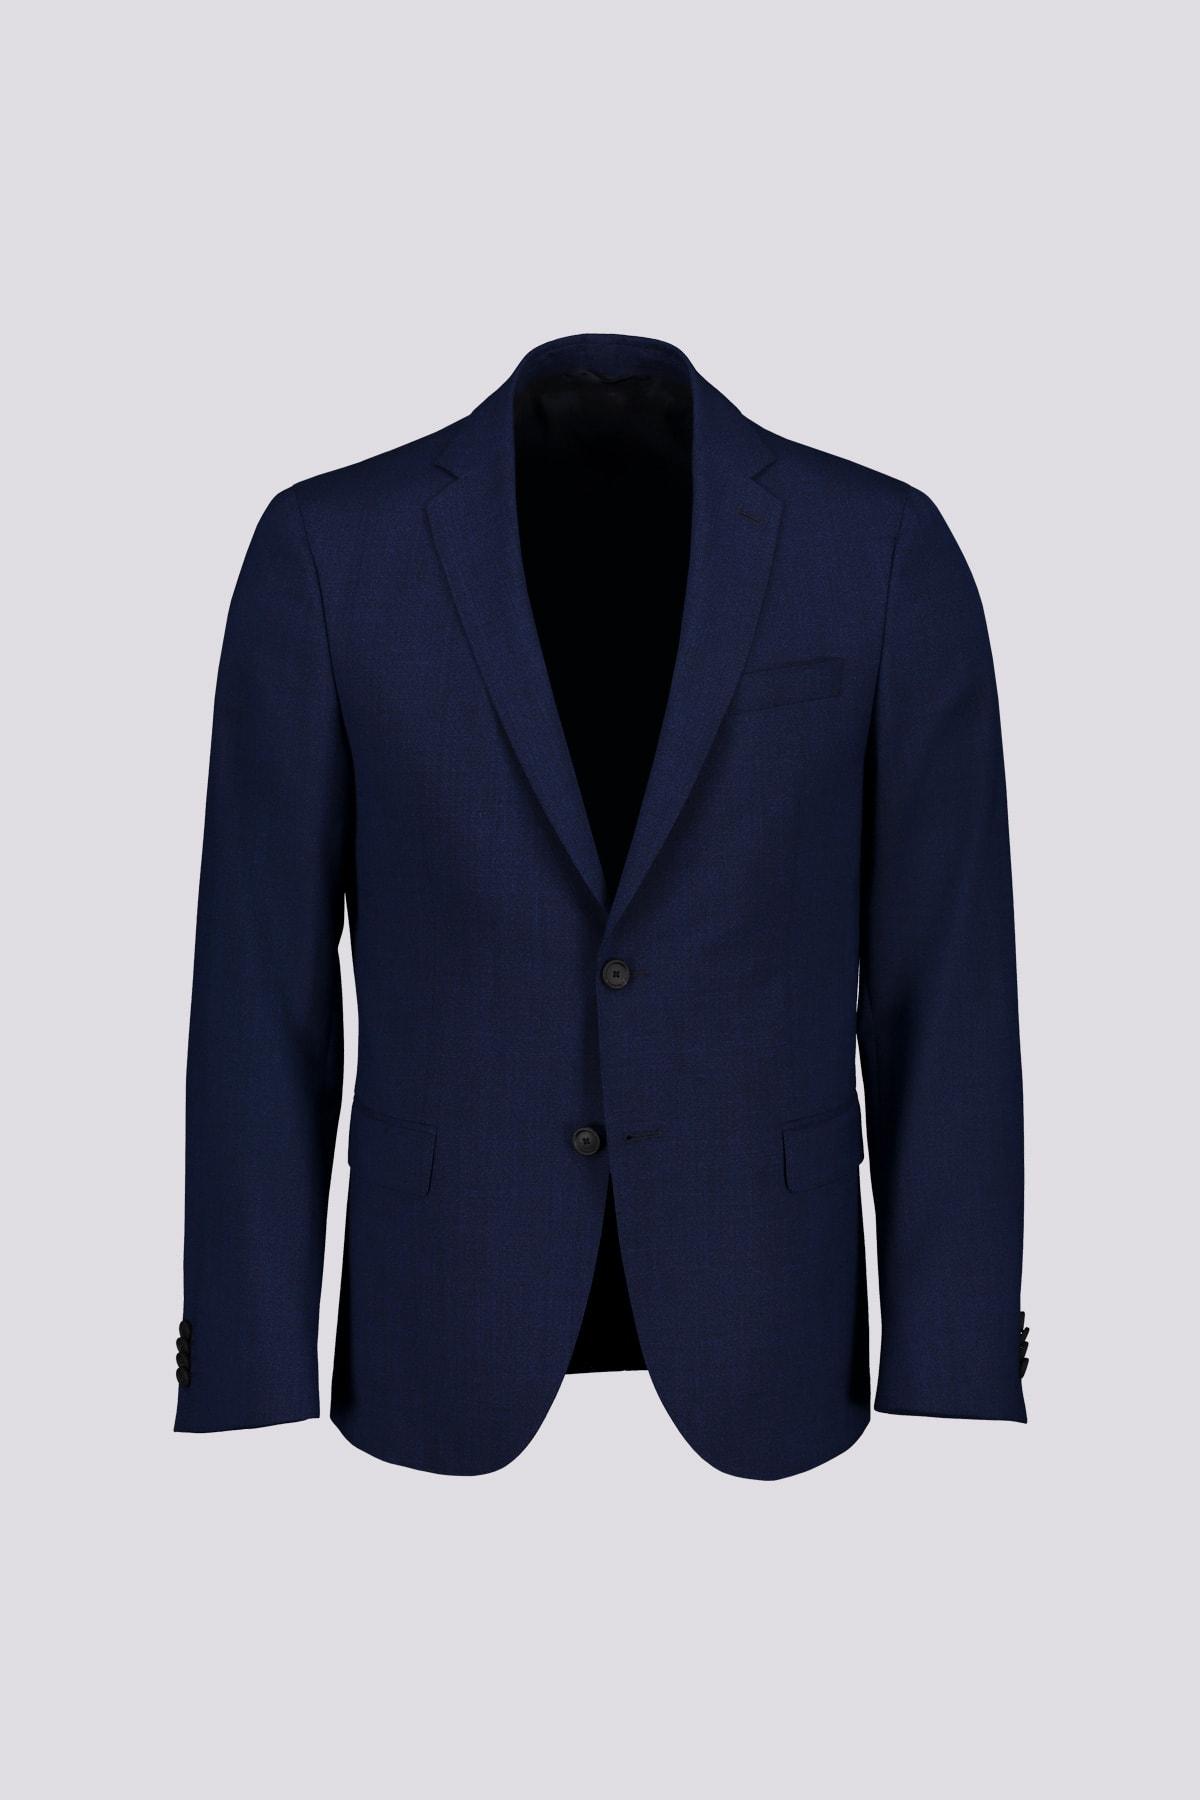 Traje dos piezas marca BOSS de tejido lana 100% SLIM FIT